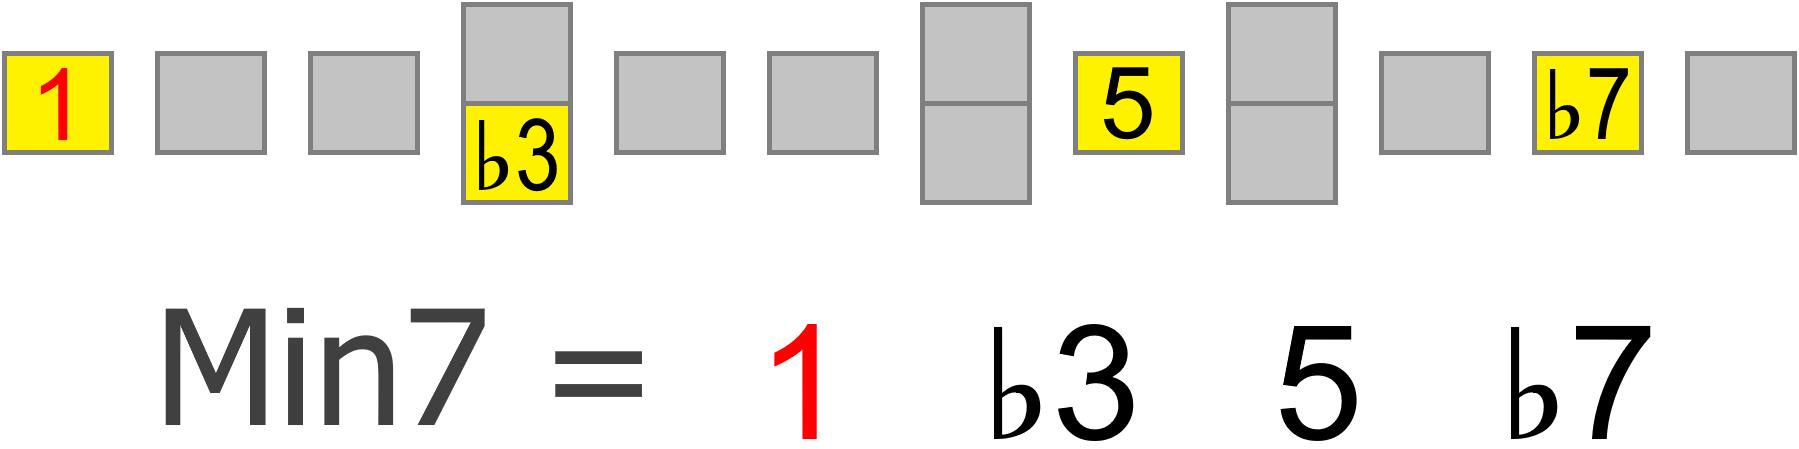 minor 7th chord intervals